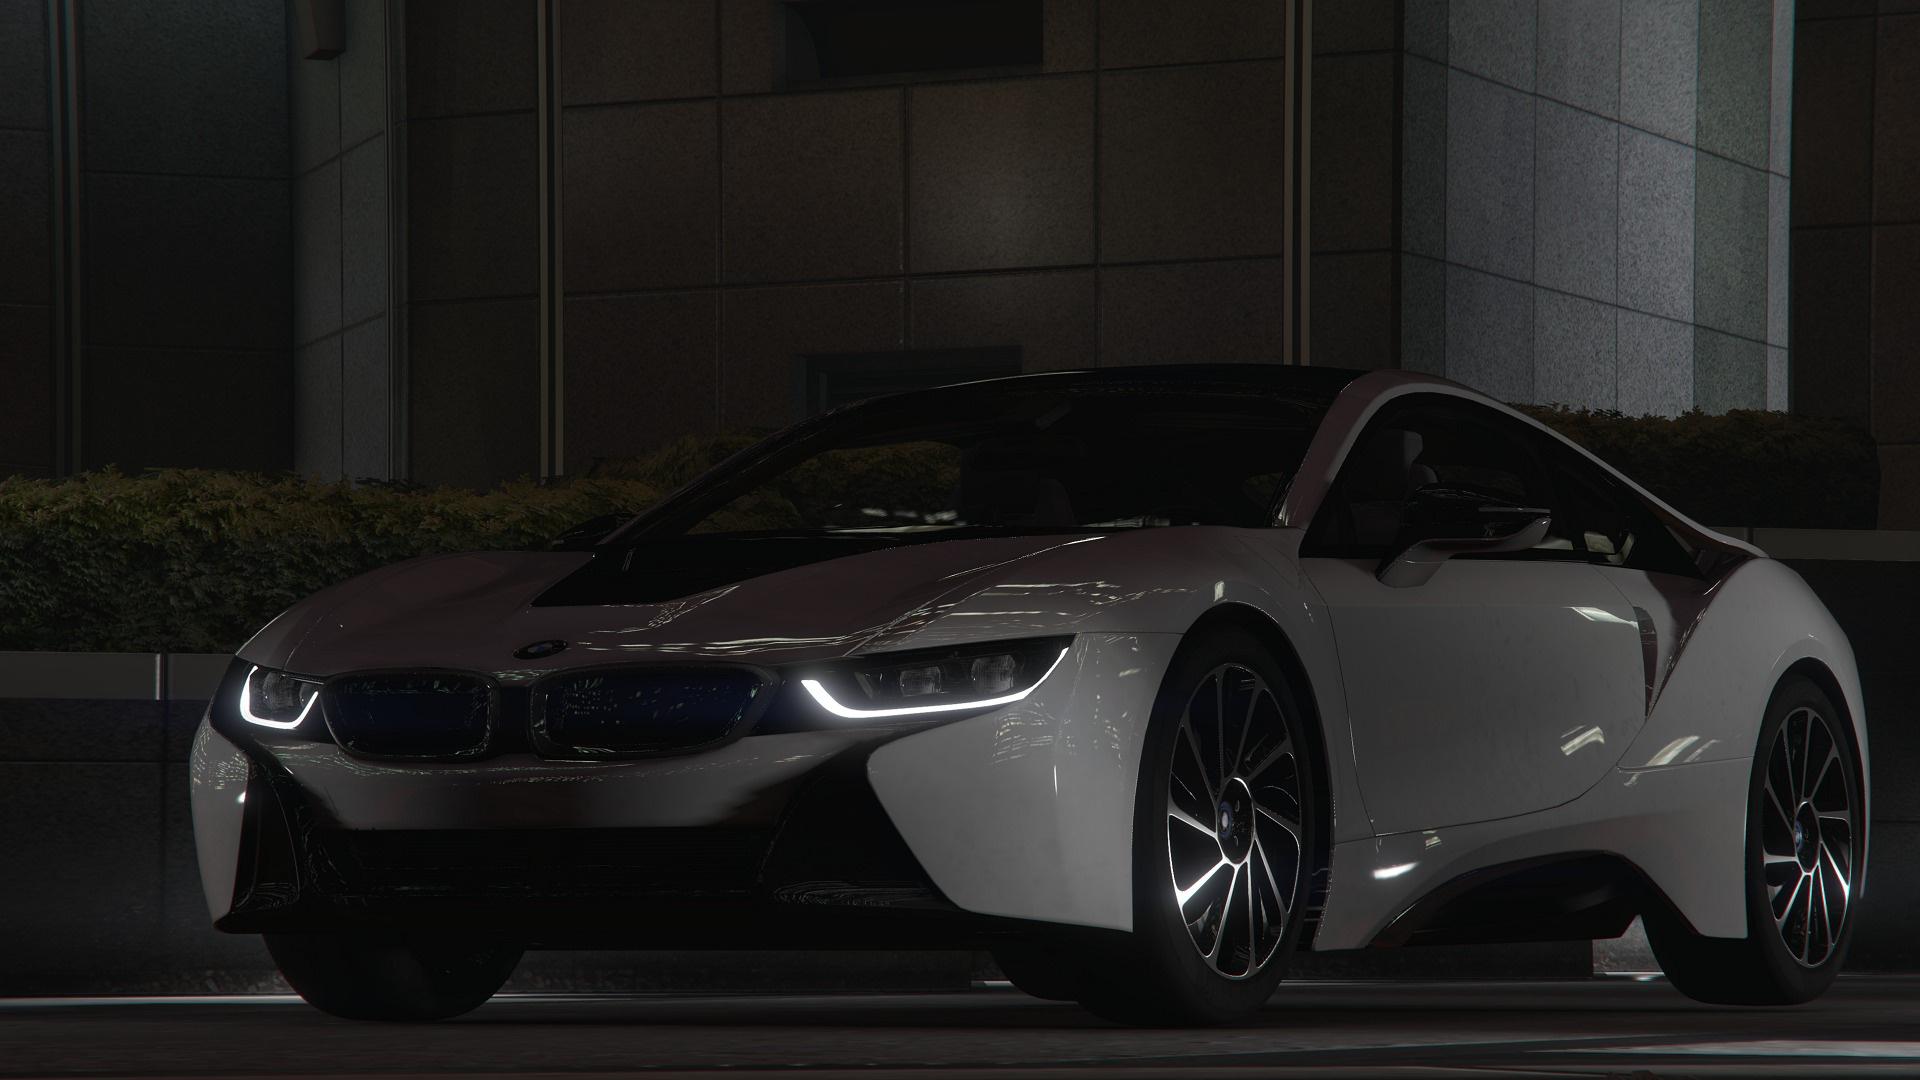 2015 BMW i8 I12 [Add ] GTA5 Mods